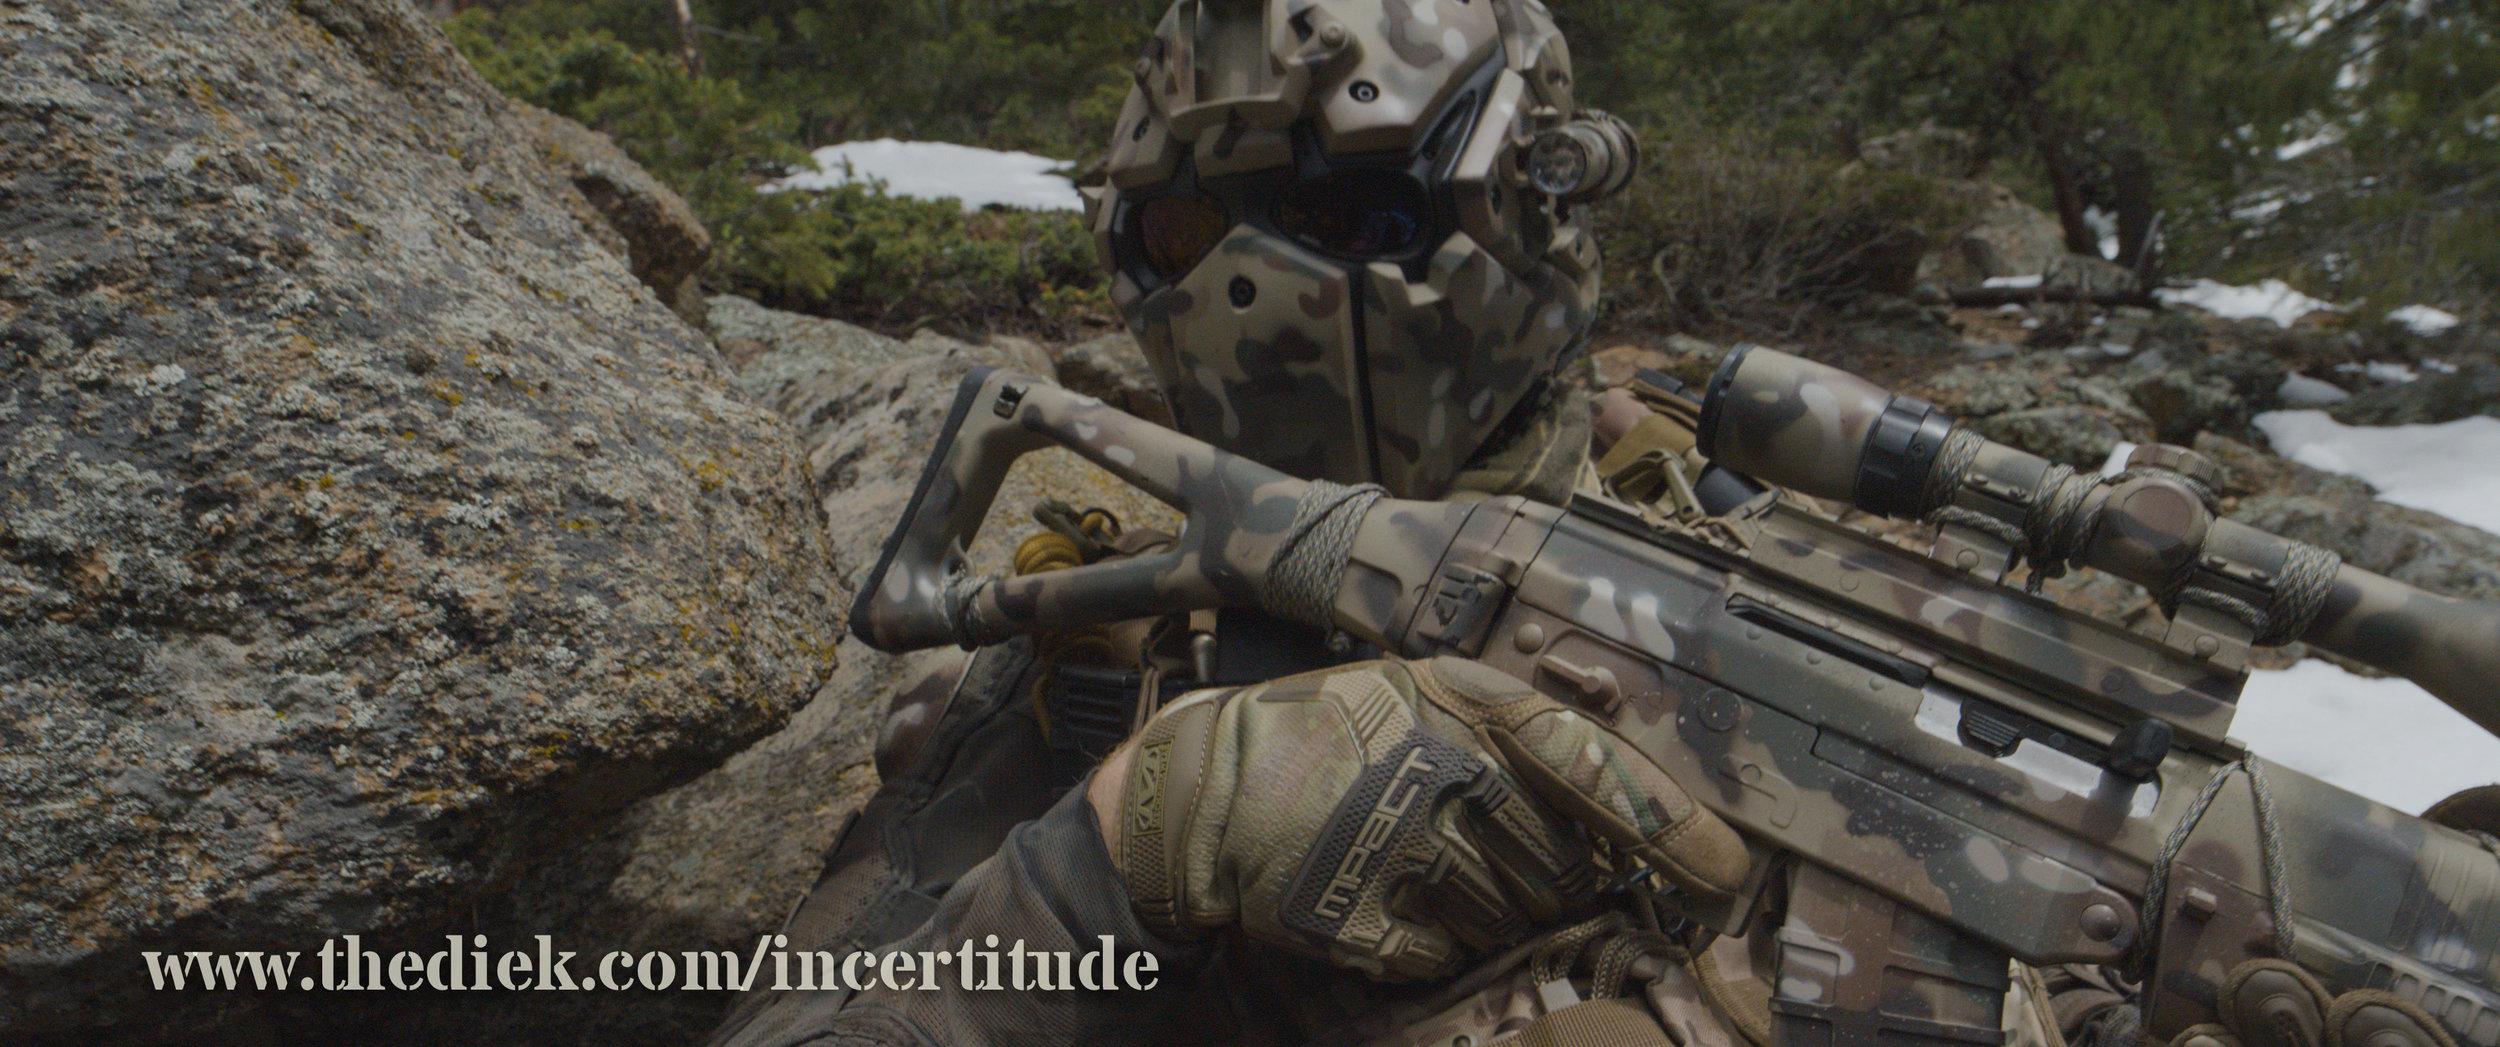 helmet rock rifle still.jpg